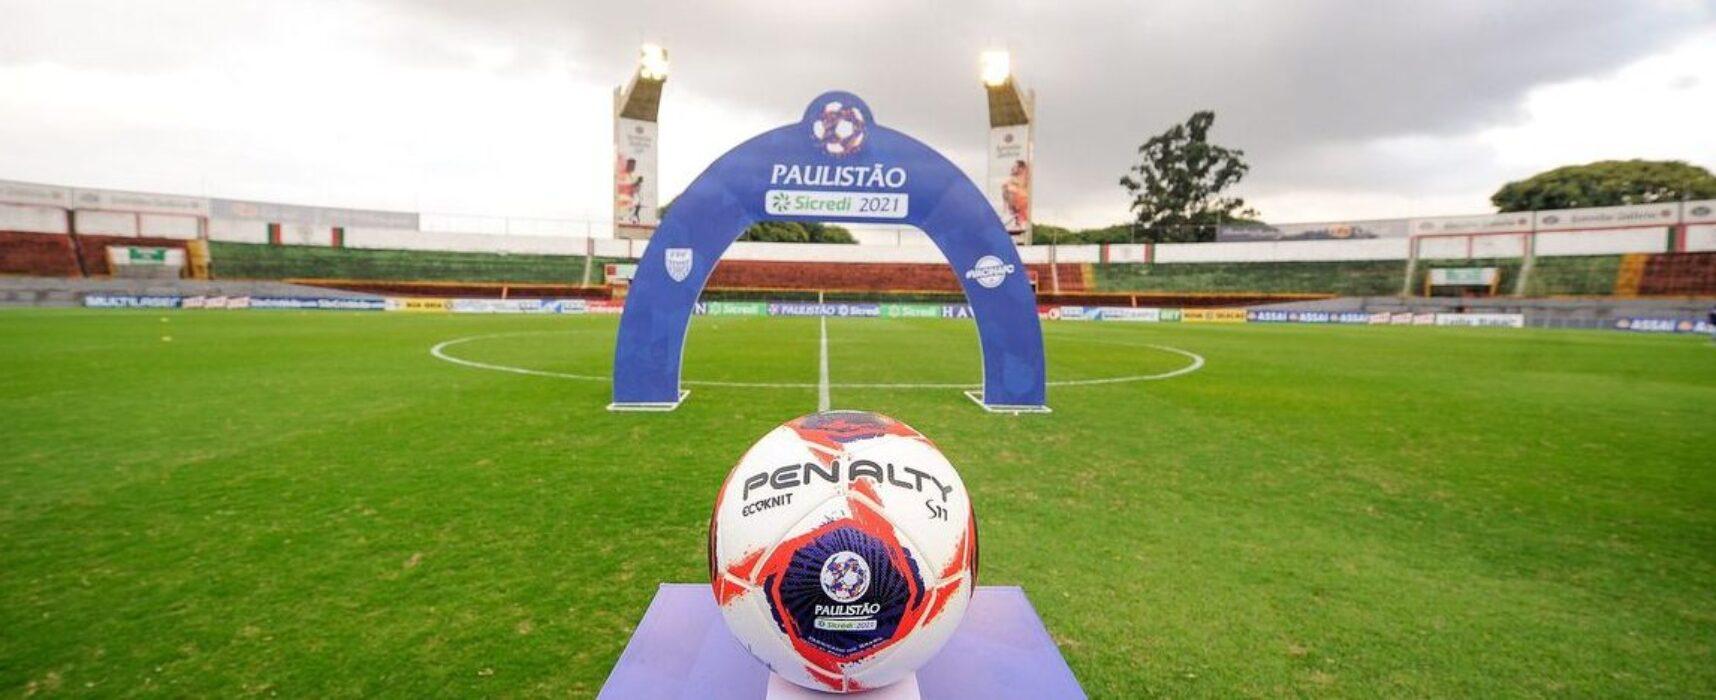 São Paulo e Palmeiras disputam título do Paulistão quinta e domingo